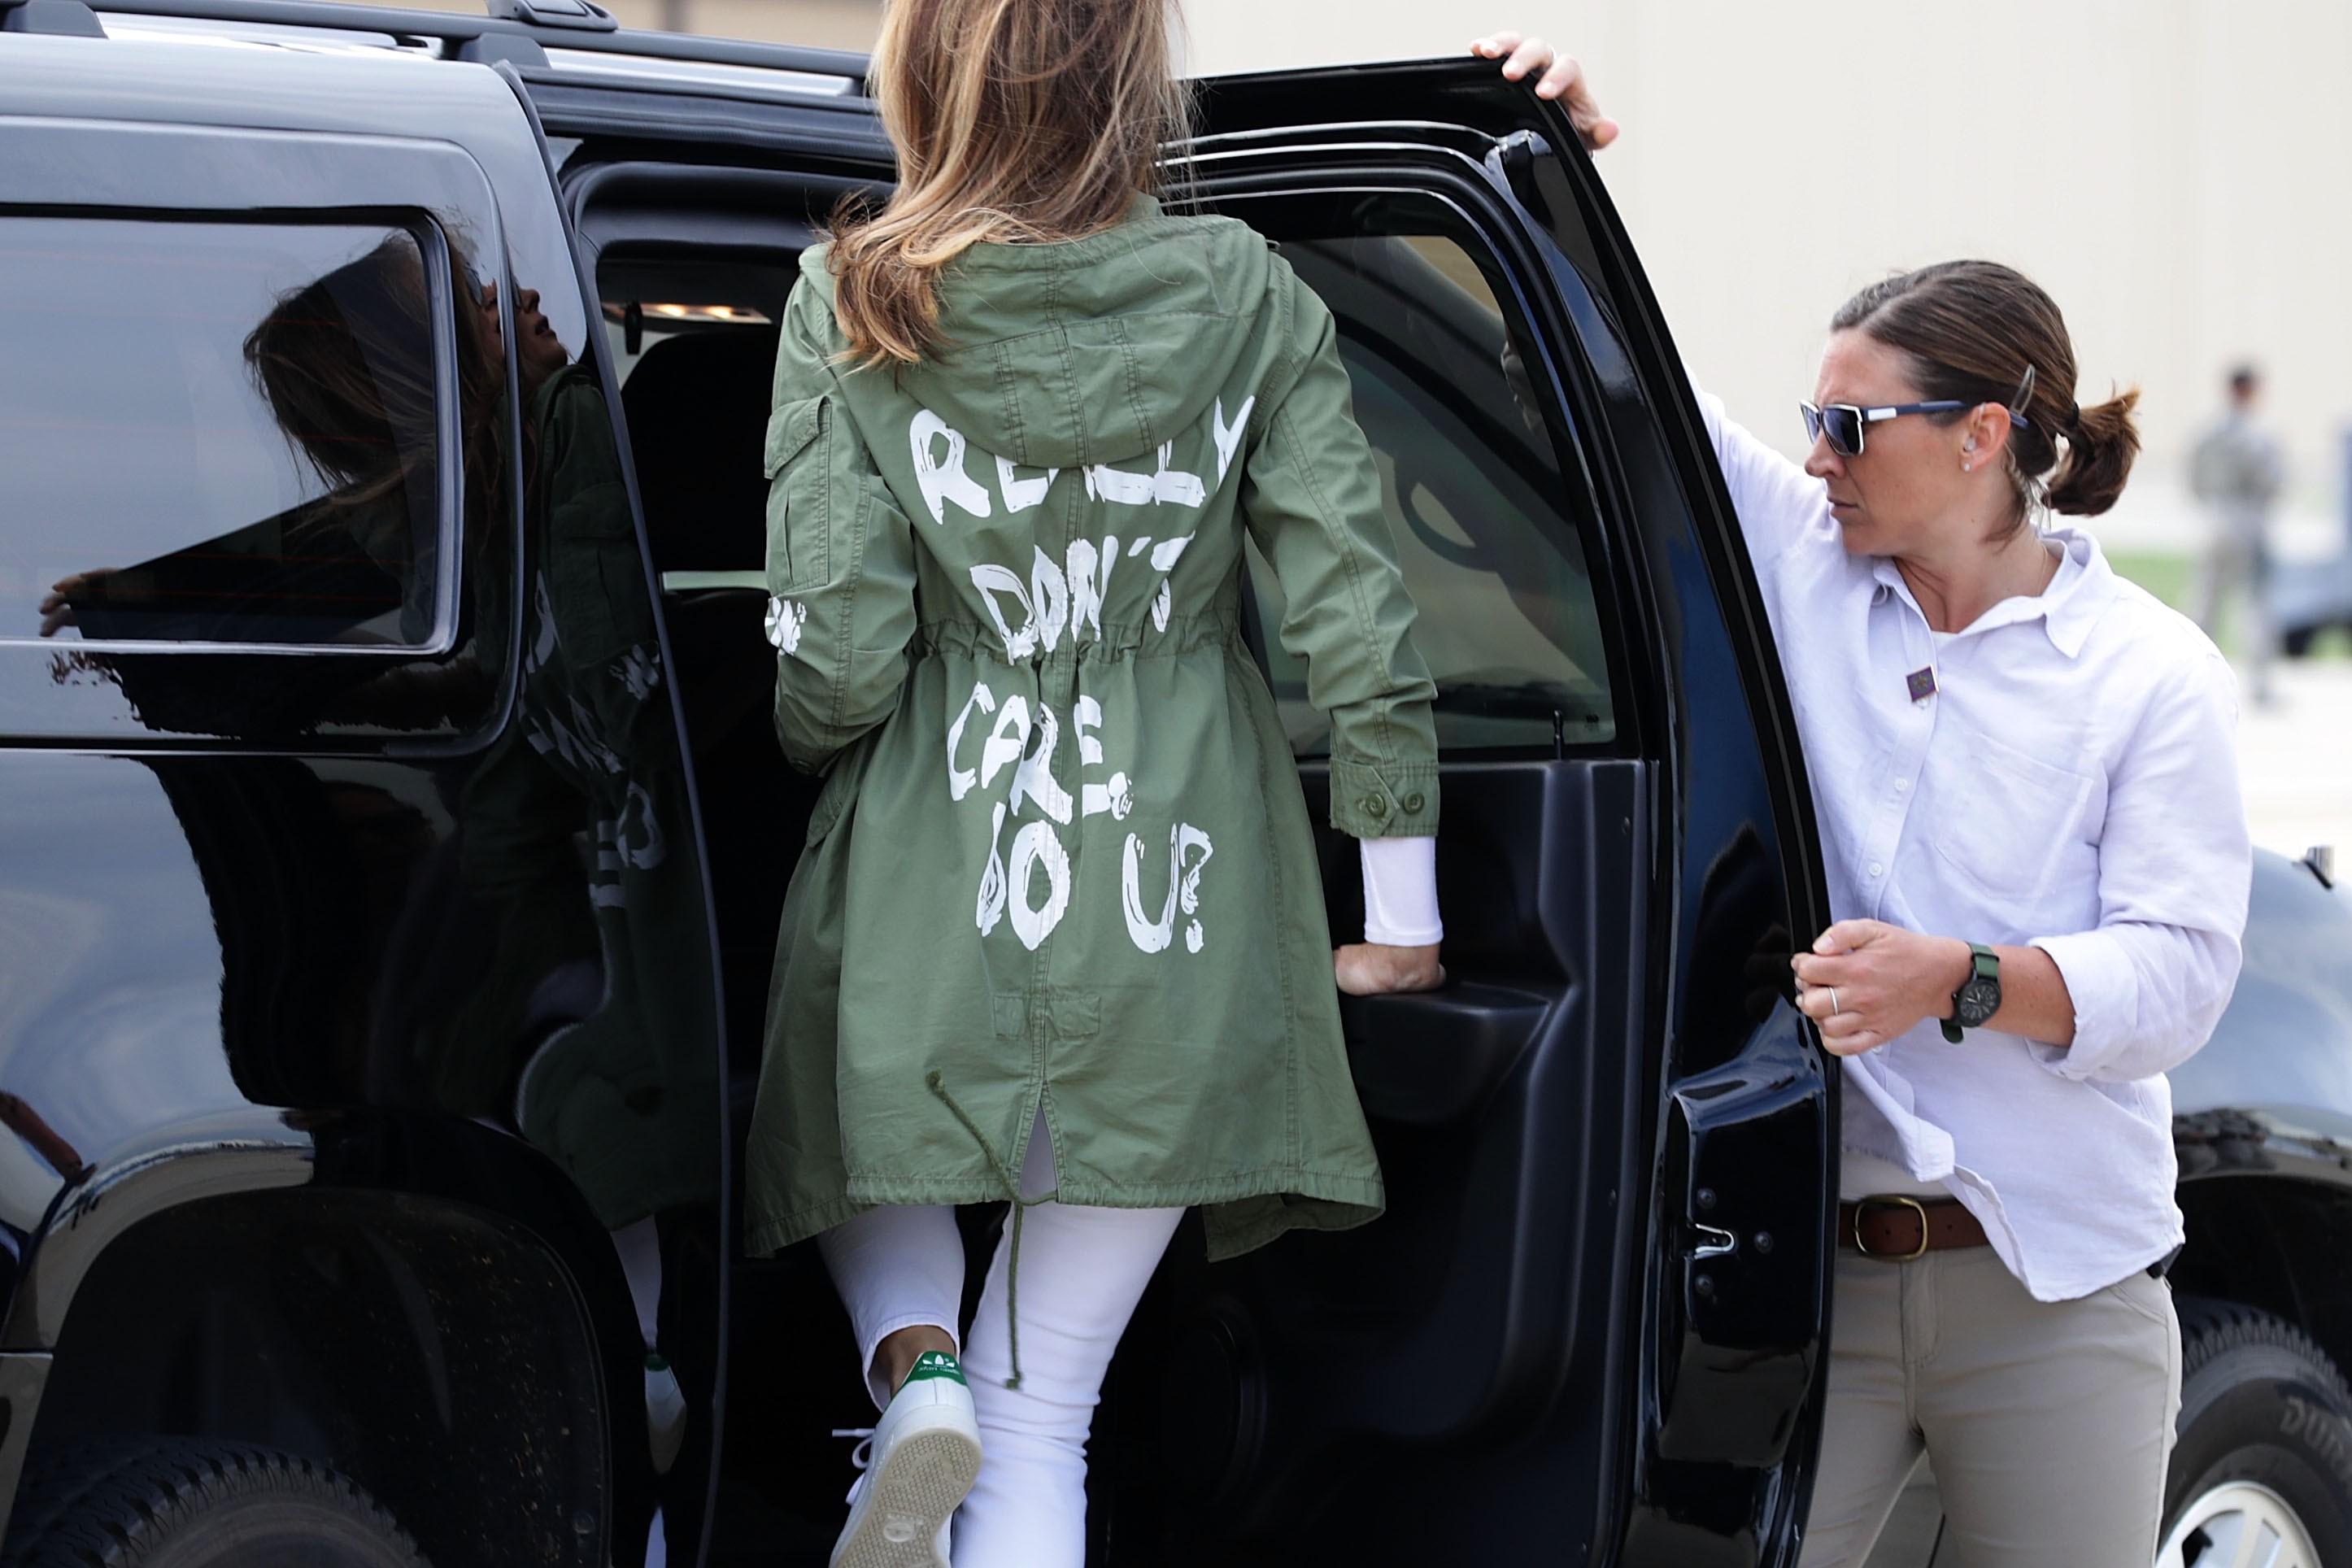 Melania usa jaqueta com frase de que não de importa em dia de visita a centro de imigrantes (Foto: Getty Images)